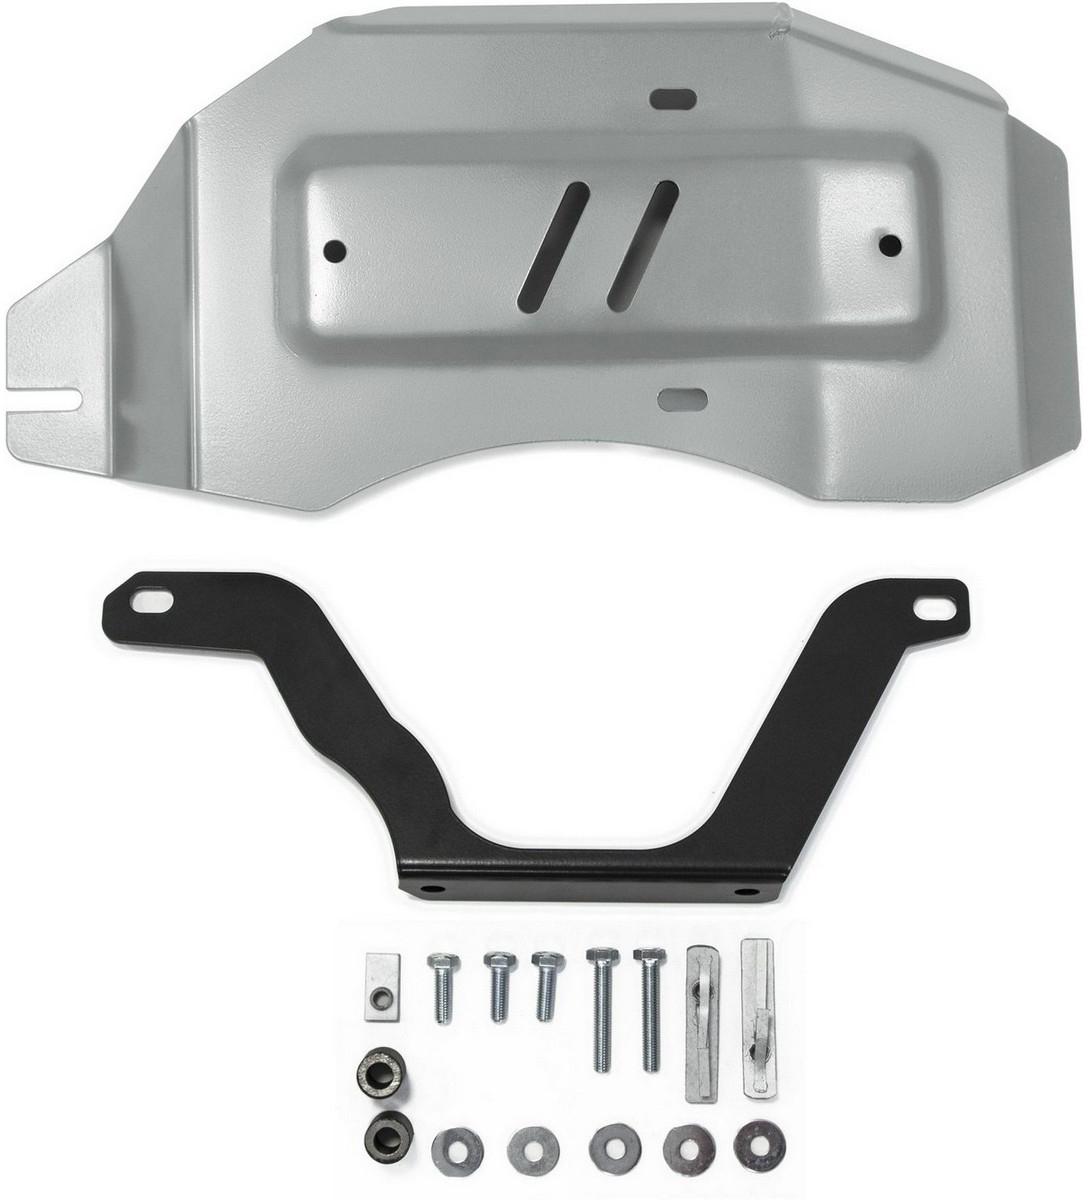 Защита редуктора Rival для Nissan Qashqai 2014- / Nissan X-Trail 2015- / Renault Koleos 2017-, алюминий 4 мм333.4150.1Защита редуктора Rival для Nissan Qashqai V - 2.0 4WD 2014-н.в./Nissan X-Trail V - 2.0; 2.5 4WD 2015-н.в./Renault Koleos V - 2.0; 2.5 4WD 2017-н.в., алюминий 4 мм, крепеж в комплекте, 333.4150.1Алюминиевые защиты Rival надежно защищают днище вашего автомобиля от повреждений, например при наезде на бордюры, а также выполняют эстетическую функцию при установке на высокие автомобили.- Толщина алюминиевых защит в 2 раза толще стальных, а вес при этом меньше до 30%.- Отлично отводит тепло от двигателя своей поверхностью, что спасает двигатель от перегрева в летний период или при высоких нагрузках.- В отличие от стальных, алюминиевые защиты не поддаются коррозии, что гарантирует срок службы защит более 5 лет.- Покрываются порошковой краской, что надолго сохраняет первоначальный вид новой защиты и защищает от гальванической коррозии.- Глубокий штамп дополнительно усиливает конструкцию защиты.- Подштамповка в местах крепления защищает крепеж от срезания.- Технологические отверстия там, где они необходимы для смены масла и слива воды, оборудованные заглушками, надежно закрепленными на защите.- Помимо основной функции защиты от удара, конструкция так же существенно снижает попадание в моторный отсек влаги и грязи.В комплекте инструкция по установке.Уважаемые клиенты!Обращаем ваше внимание, на тот факт, что защита имеет форму, соответствующую модели данного автомобиля. Наличие глубокого штампа и лючков для смены фильтров/масла предусмотрено не на всех защитах. Фото служит для визуального восприятия товара.